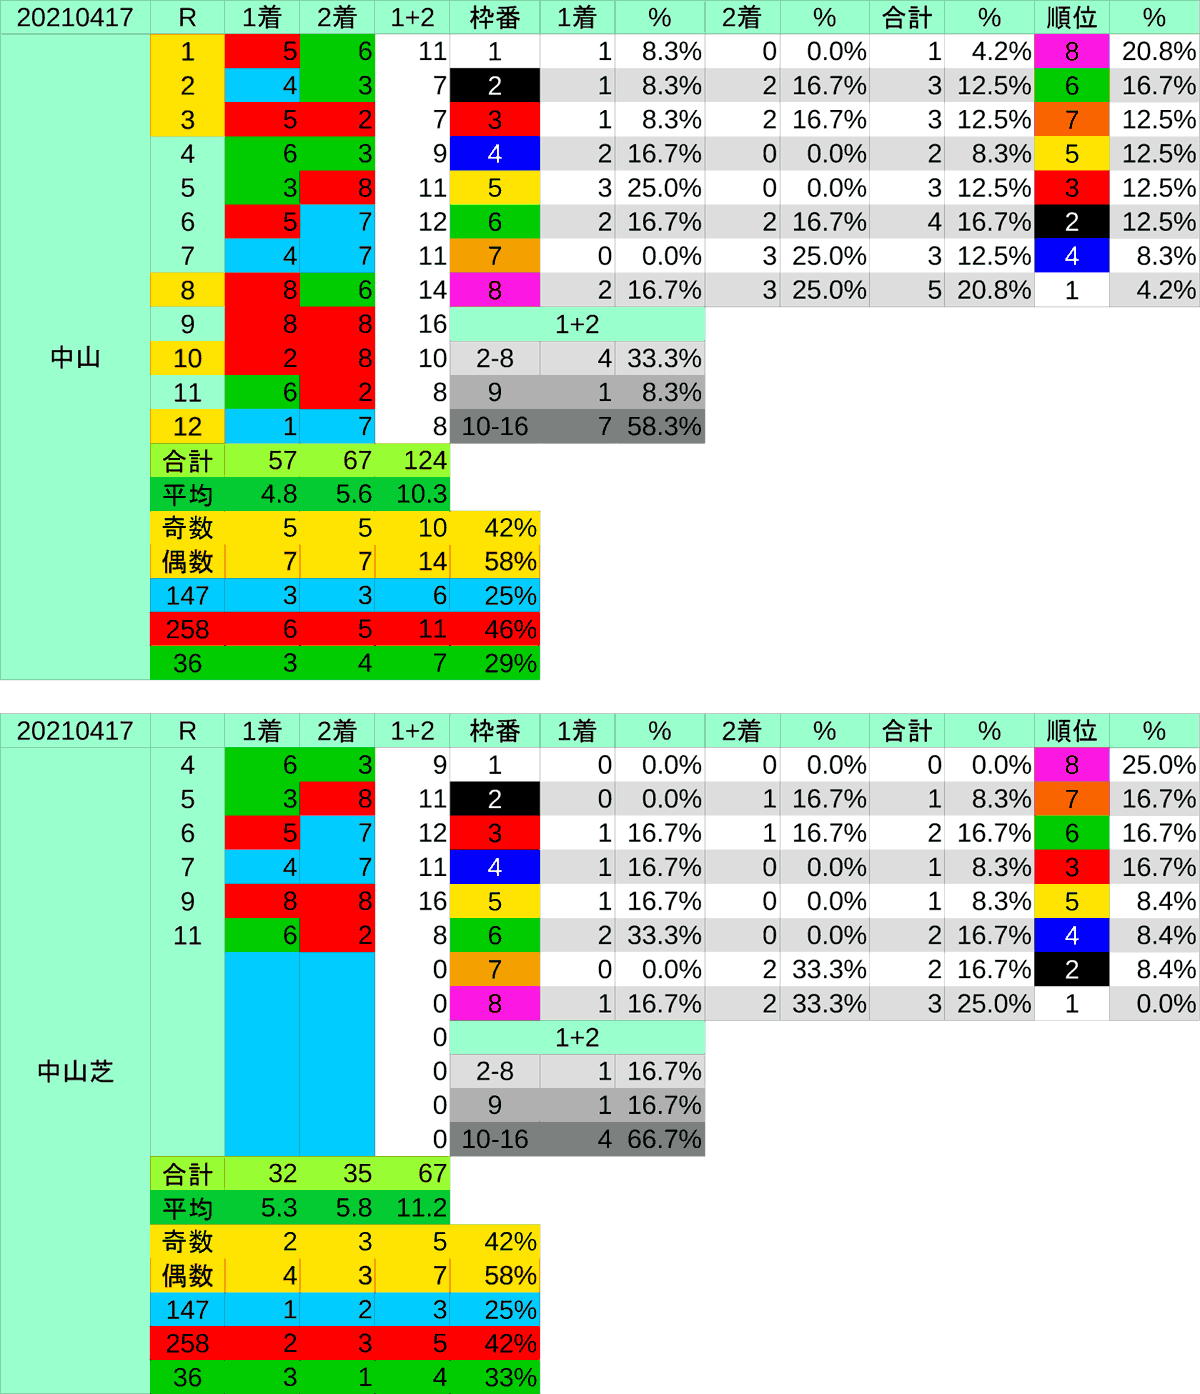 2021_枠穴_皐月賞